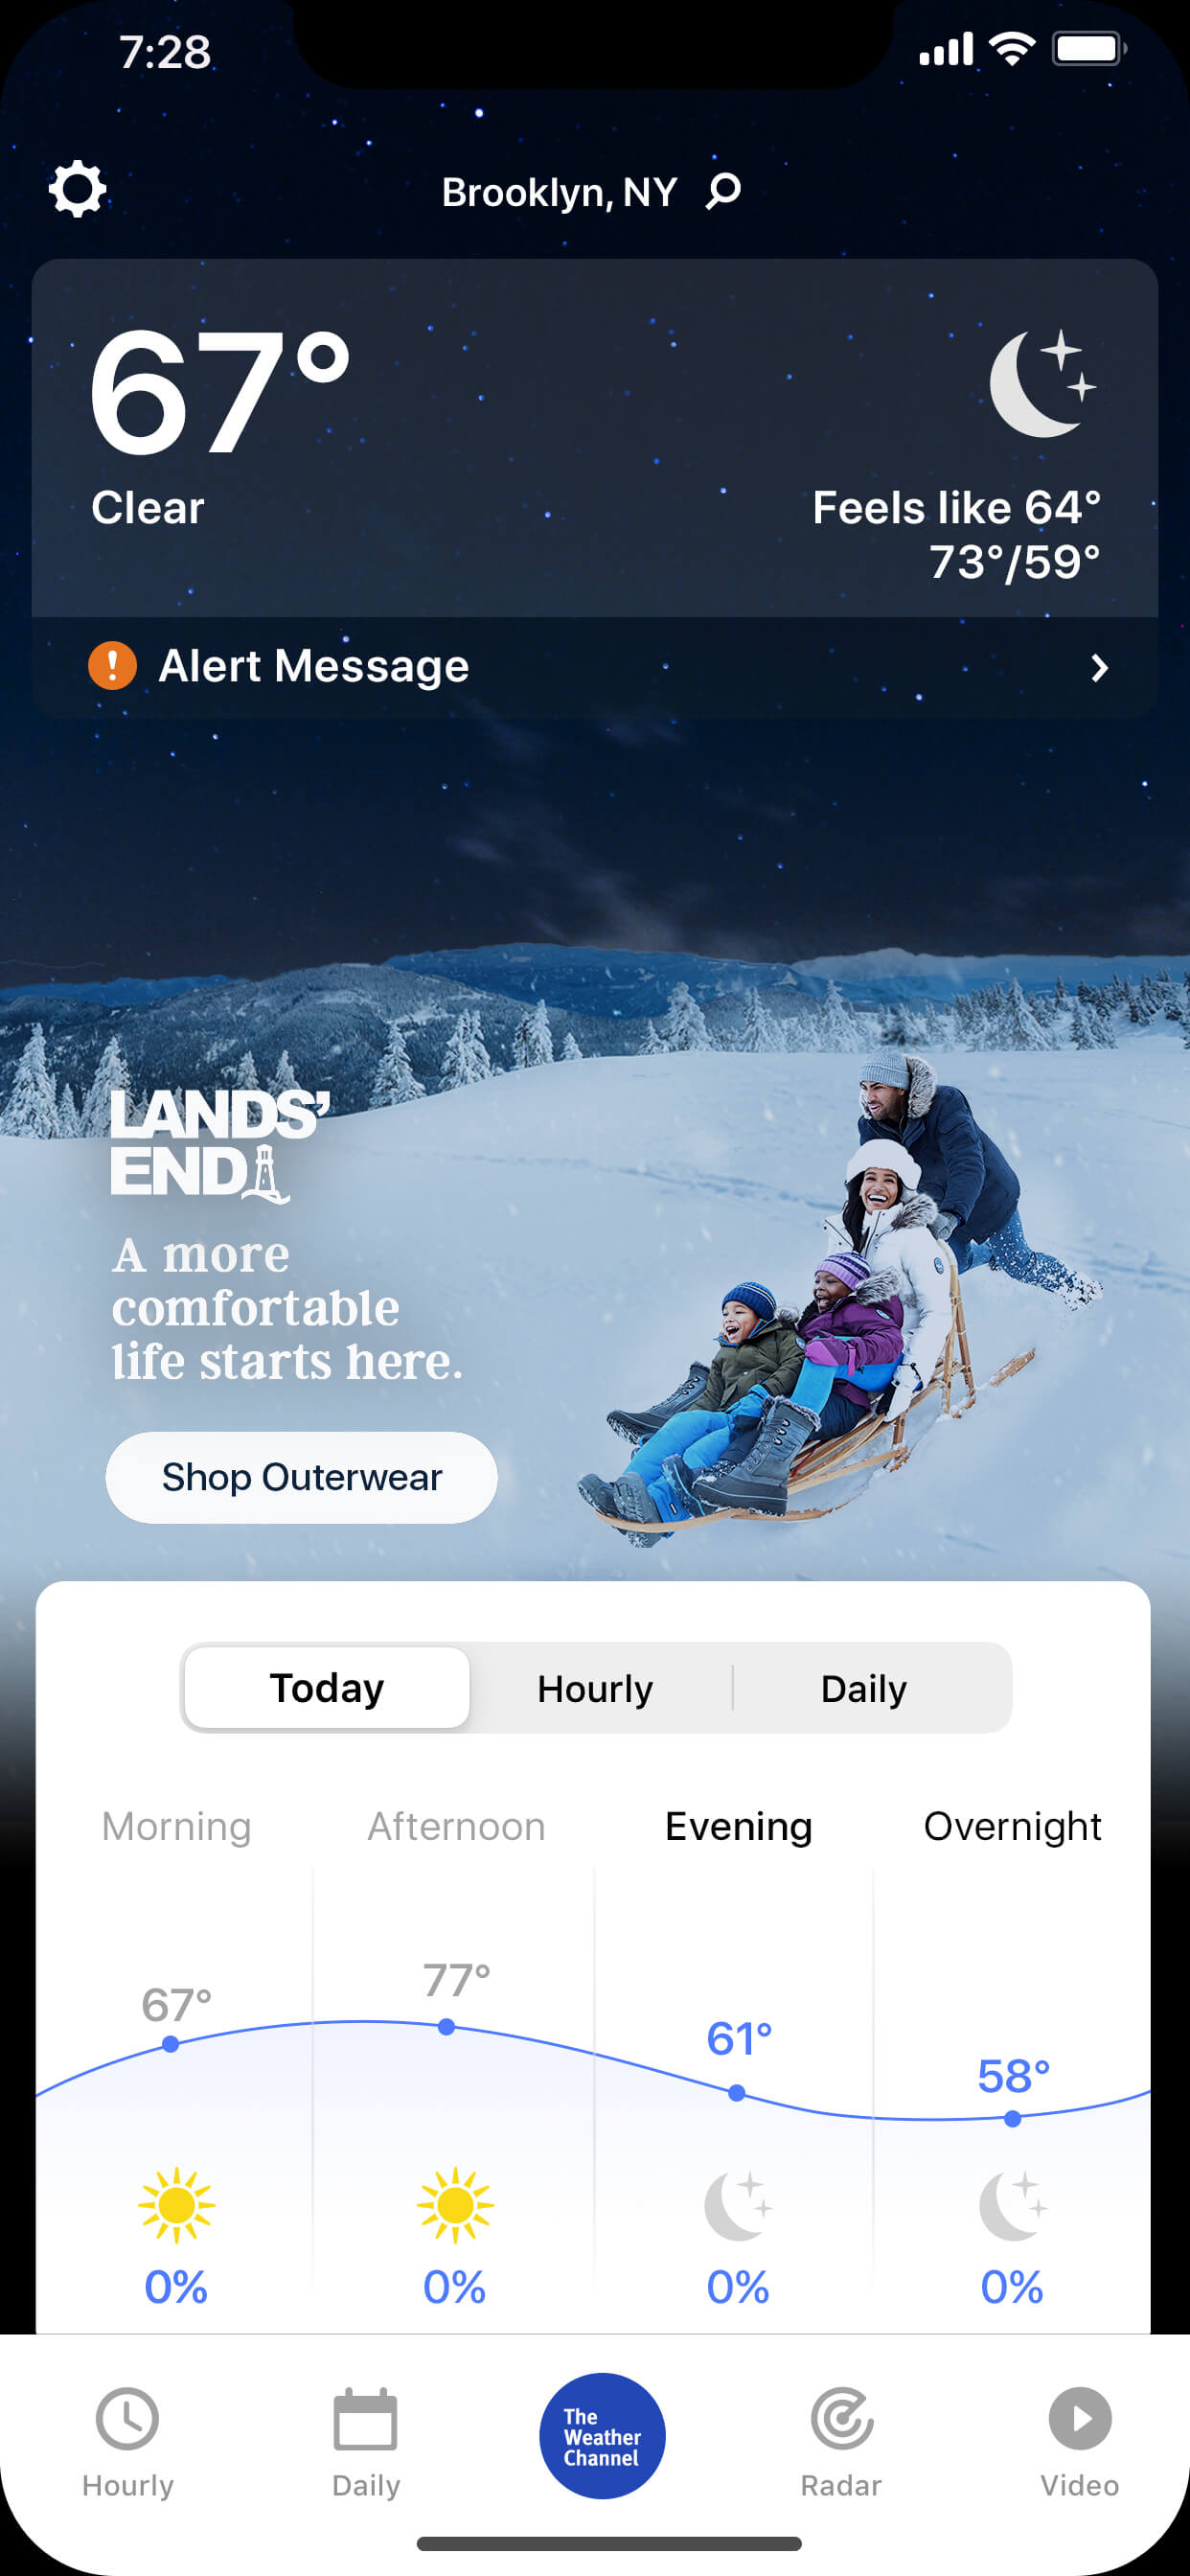 Lands'End_Mobile_App-IM_NextGen-Mock__clear_night